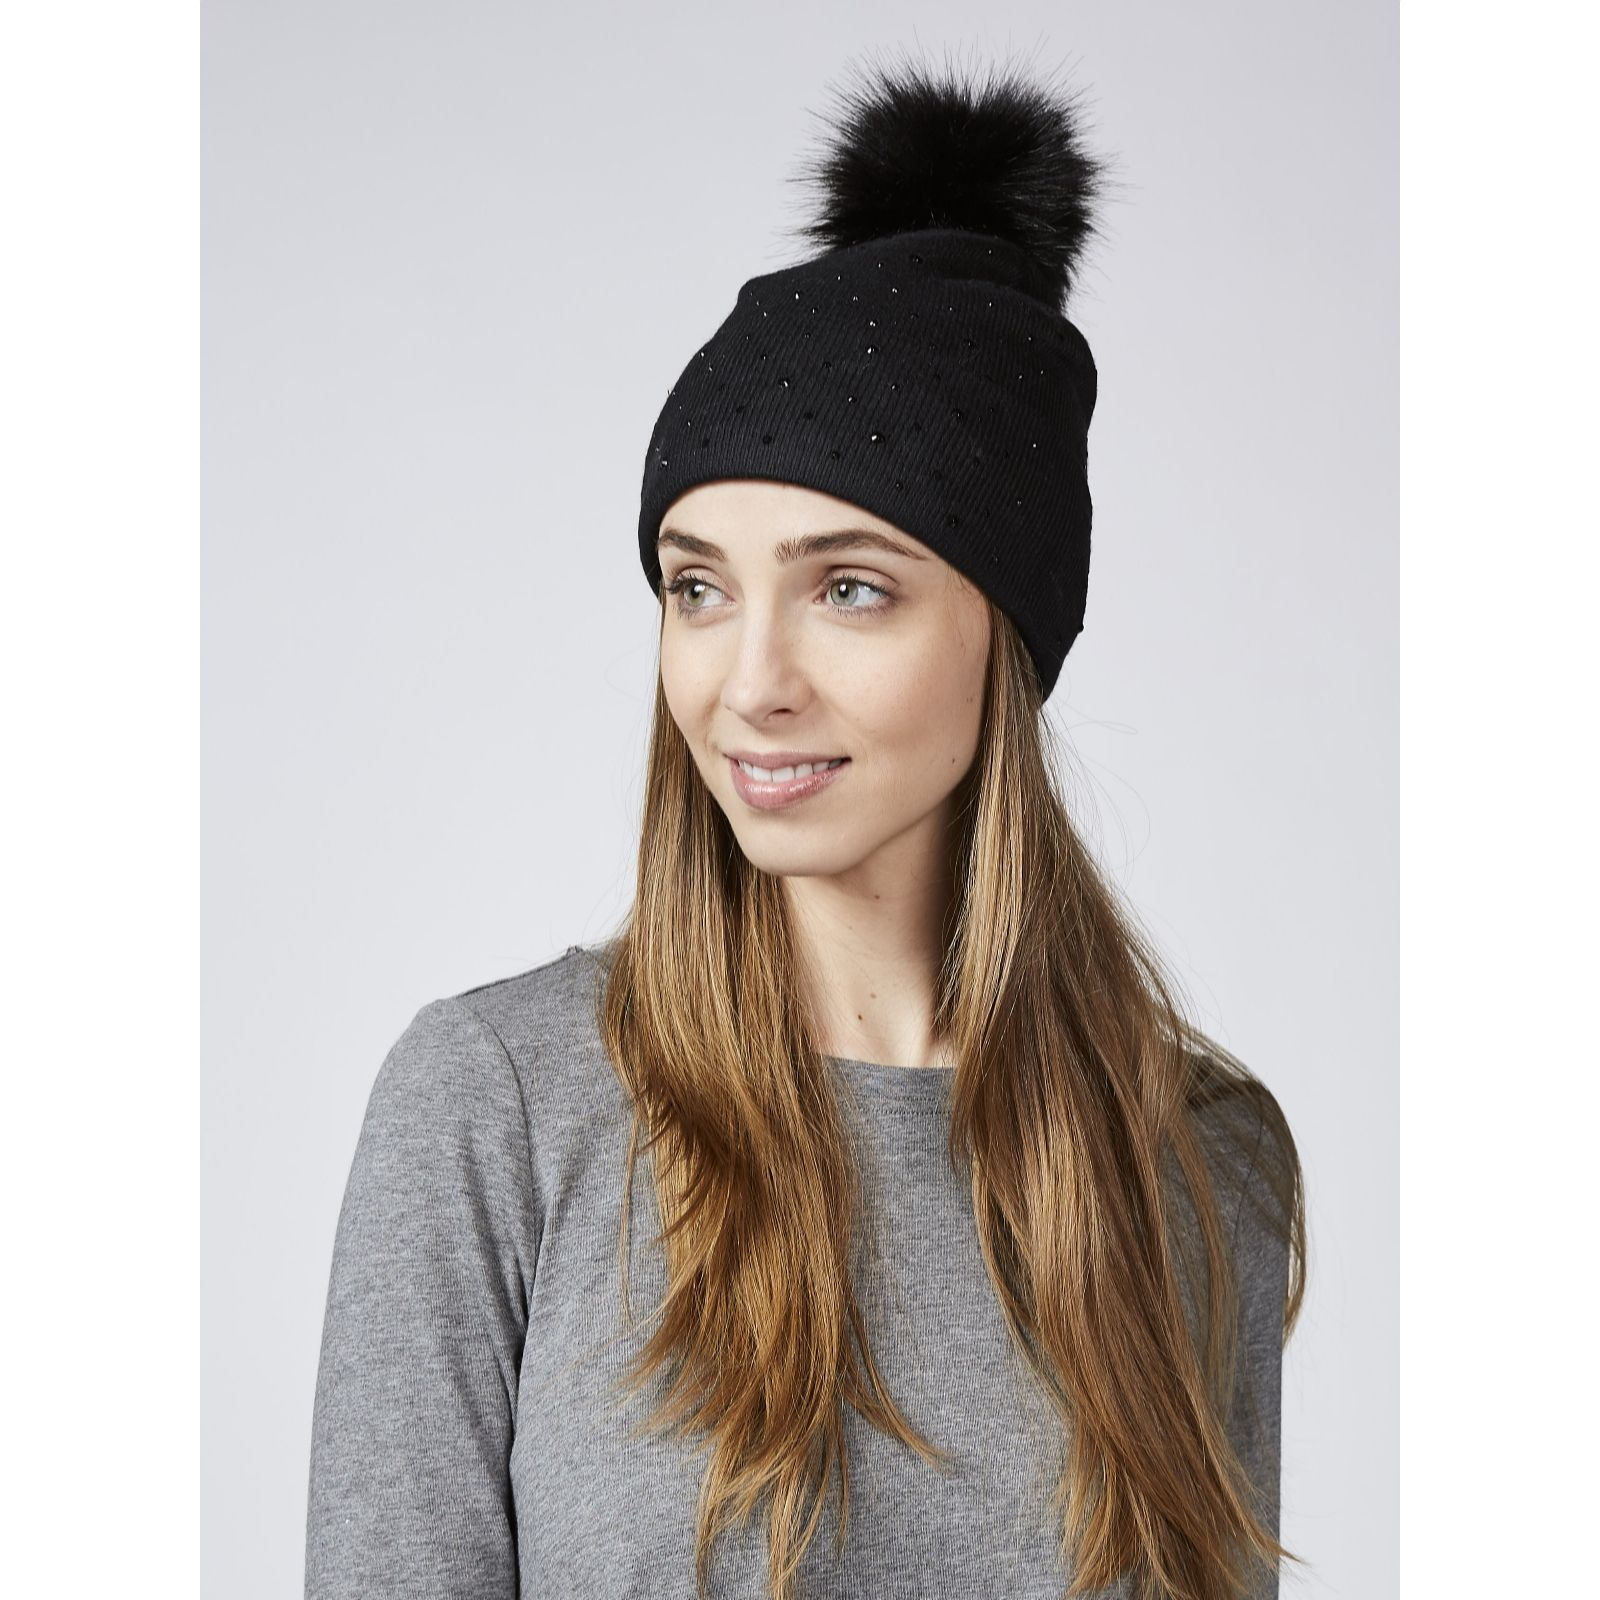 d4faf1cfc91 Frank Usher Crystal Embellished Hat with Removable Faux Fur Pom Pom - QVC UK